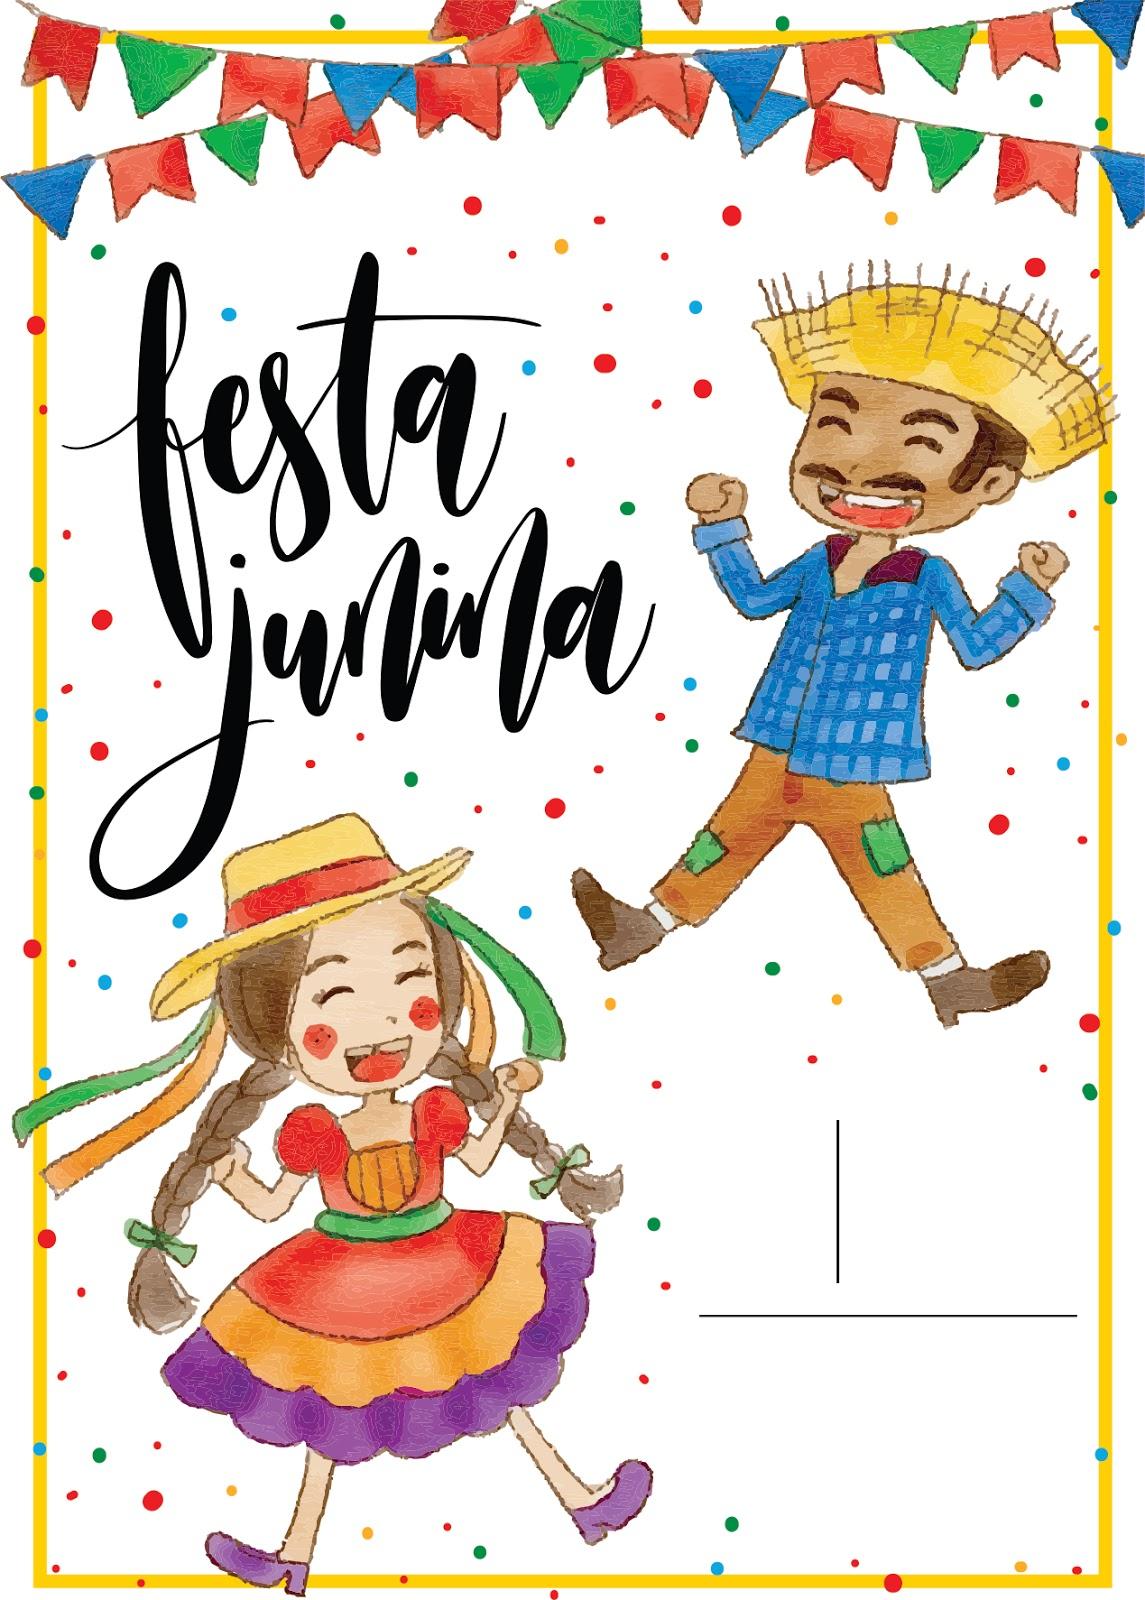 Convite Para Festa Junina Baixe Gratuitamente Guia Tudo Festa Blog De Festas Dicas E Ideias